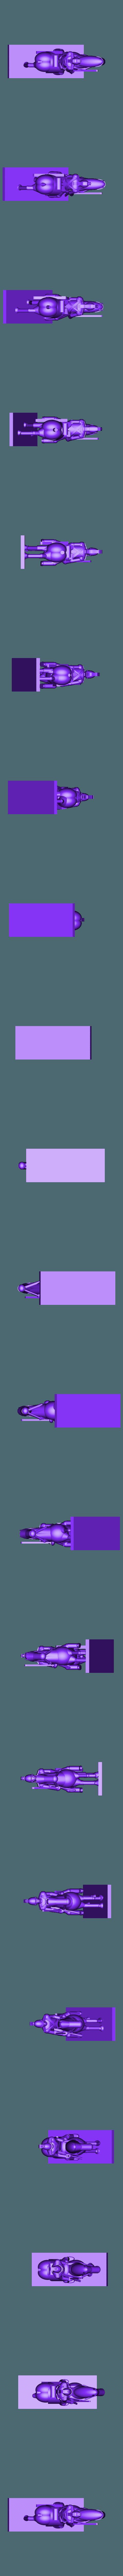 hvy_drag2_1.stl Télécharger fichier STL gratuit Napoléonien - Partie 4 - Cavalerie Britannique • Modèle pour impression 3D, Earsling